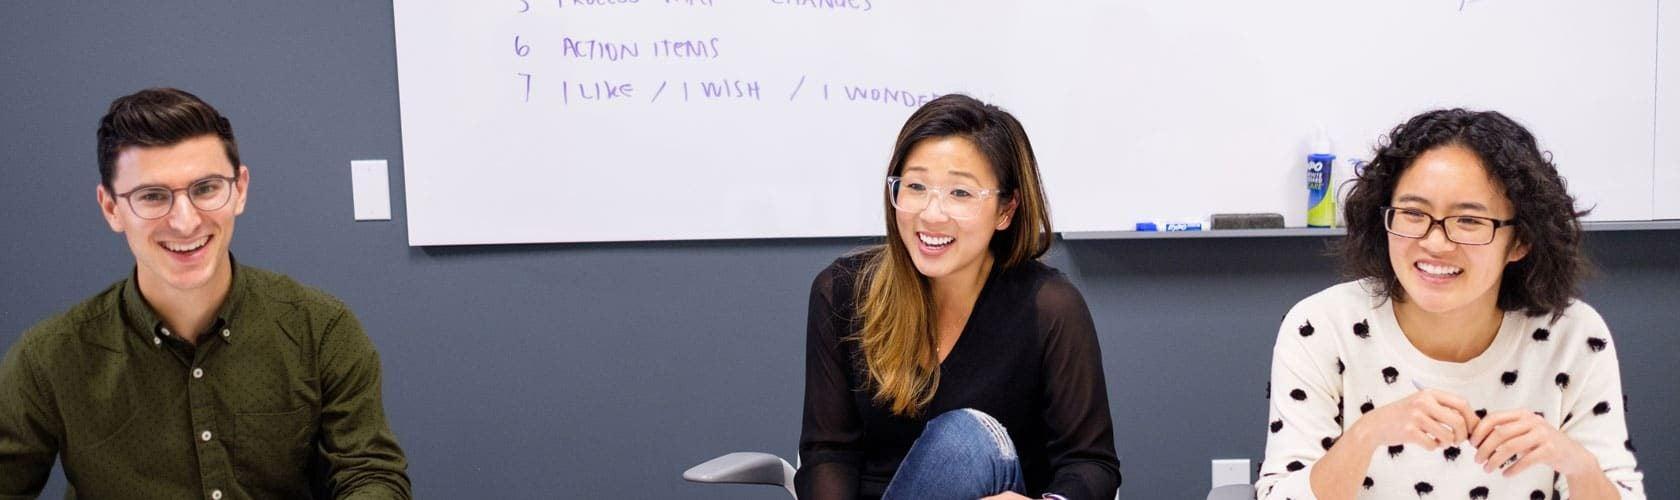 careers-hero-whiteboard-meeting